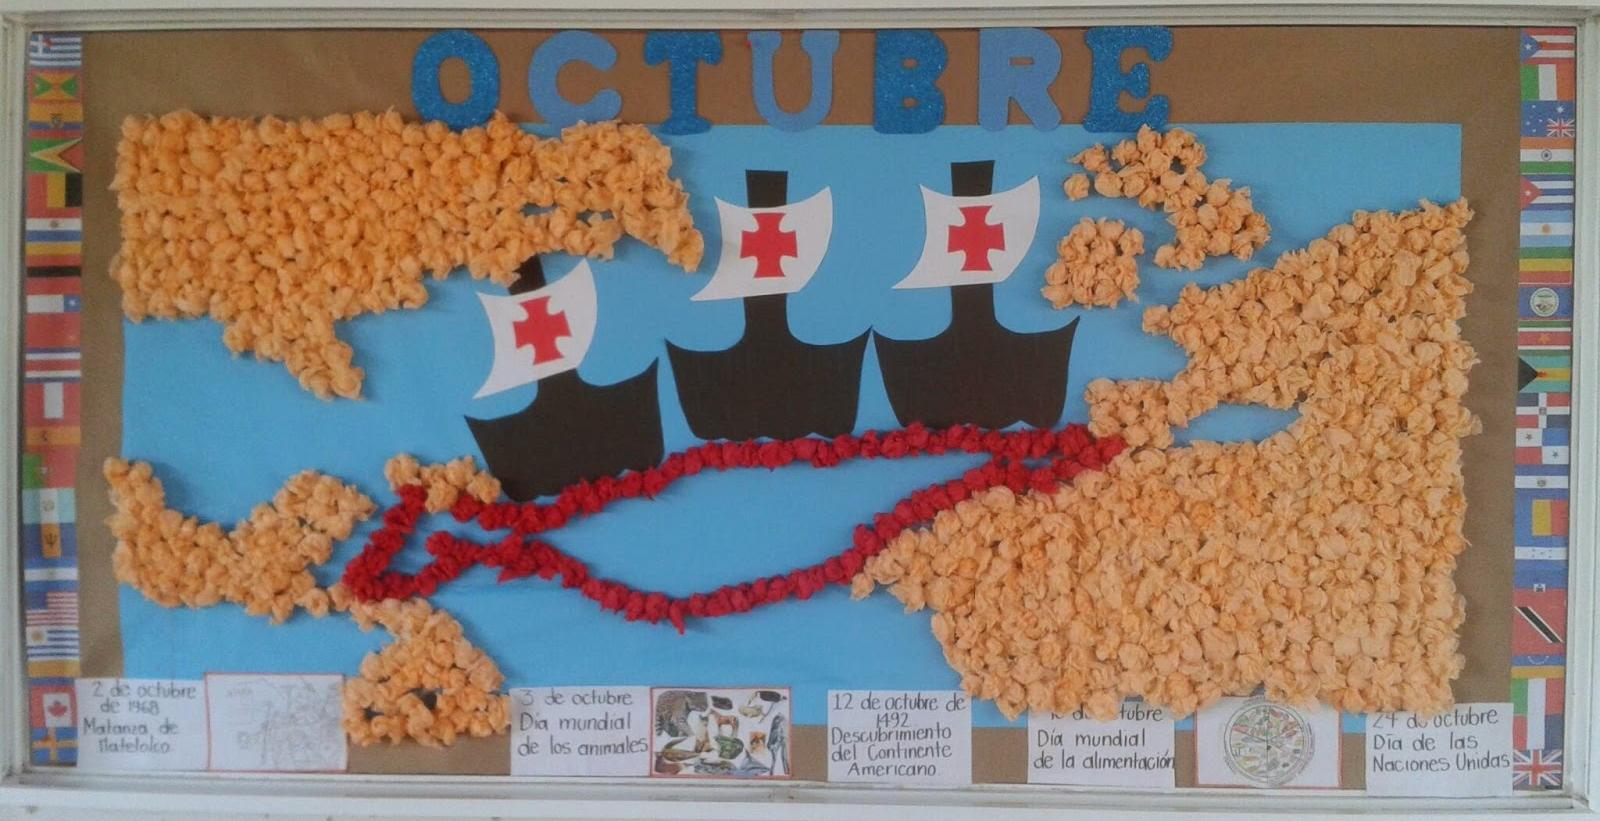 Periodico mural octubre 16 imagenes educativas for Diario mural en ingles